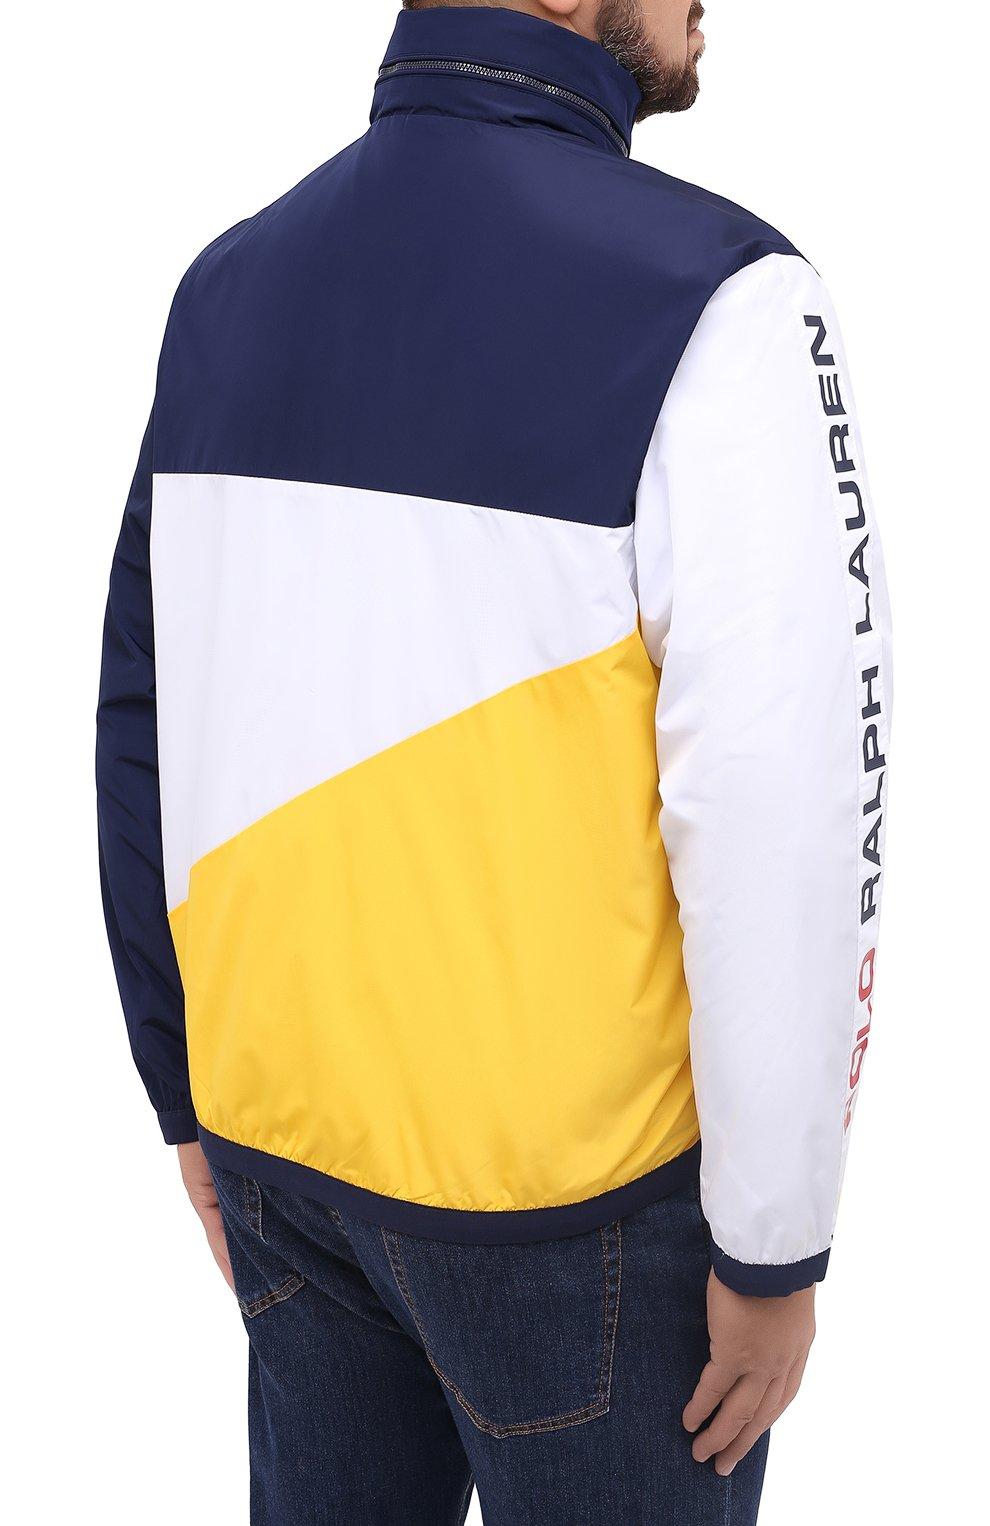 Мужская куртка POLO RALPH LAUREN разноцветного цвета, арт. 711803374/PRL BS   Фото 4 (Кросс-КТ: Куртка, Ветровка; Big sizes: Big Sizes; Рукава: Длинные; Материал внешний: Синтетический материал; Мужское Кросс-КТ: Куртка-верхняя одежда, Верхняя одежда; Материал подклада: Синтетический материал; Длина (верхняя одежда): Короткие; Стили: Кэжуэл)